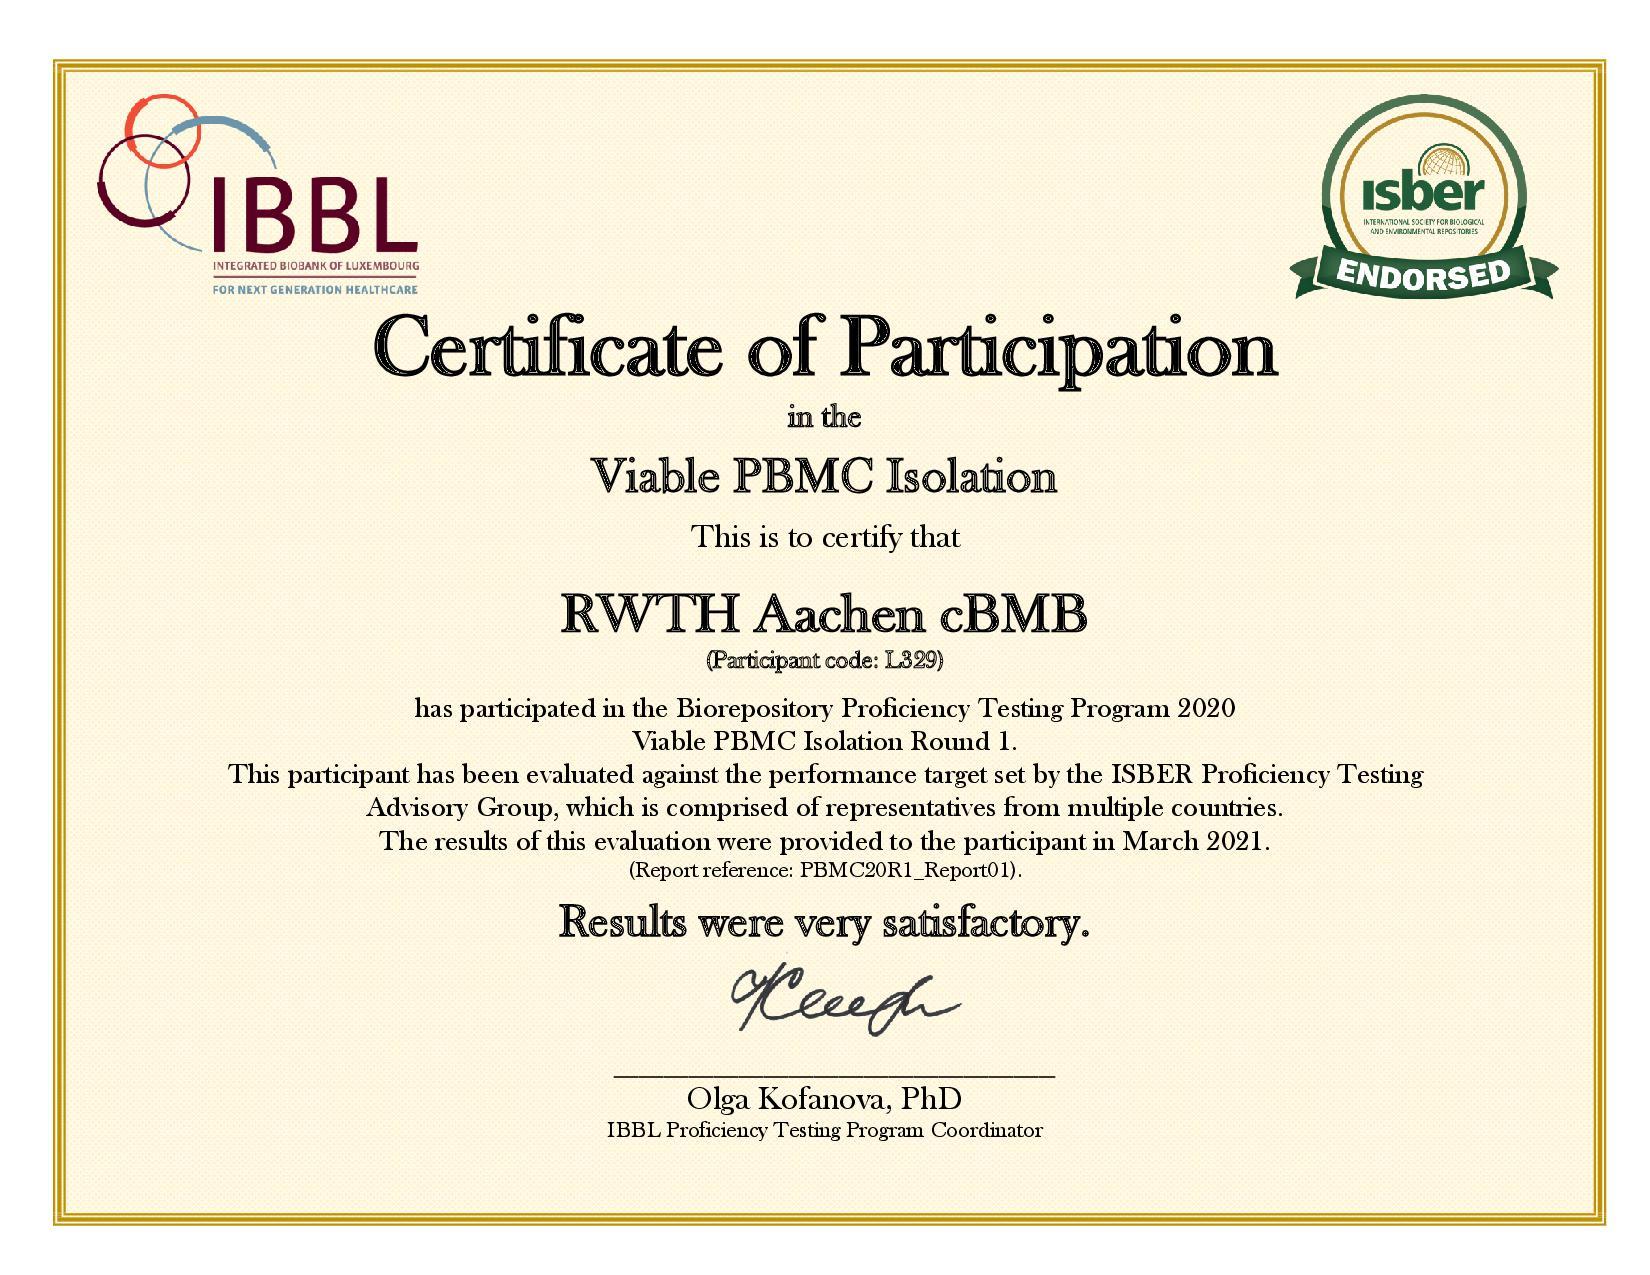 PBMC20R1 - L329 - Certificate